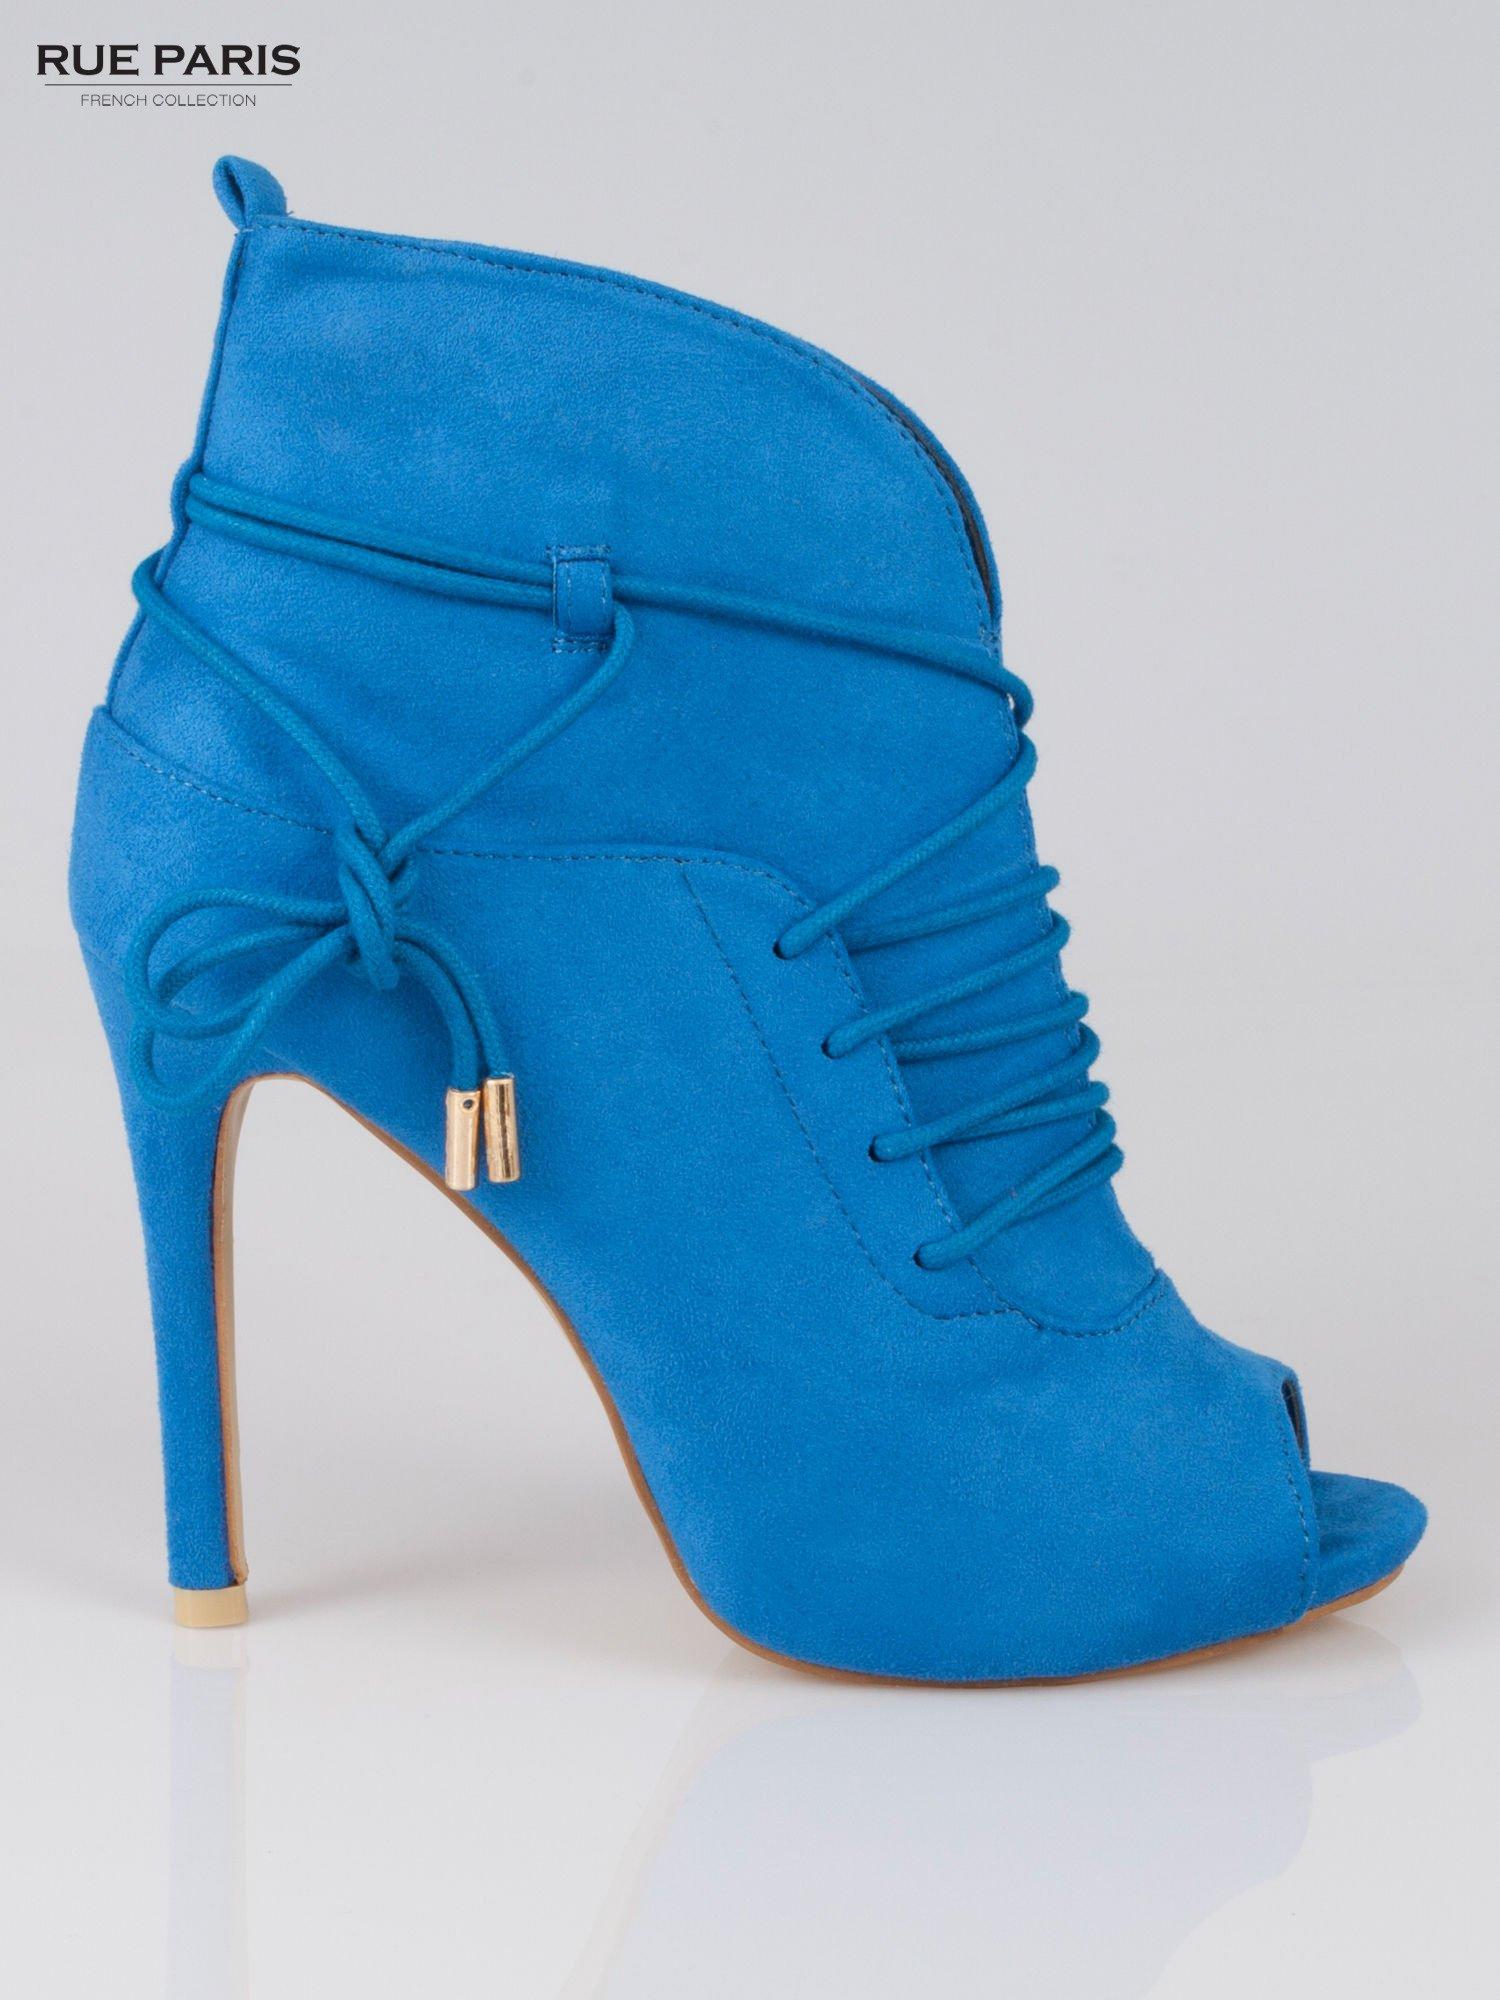 Kobaltowe wiązane botki faux suede Elsa lace up                                  zdj.                                  1